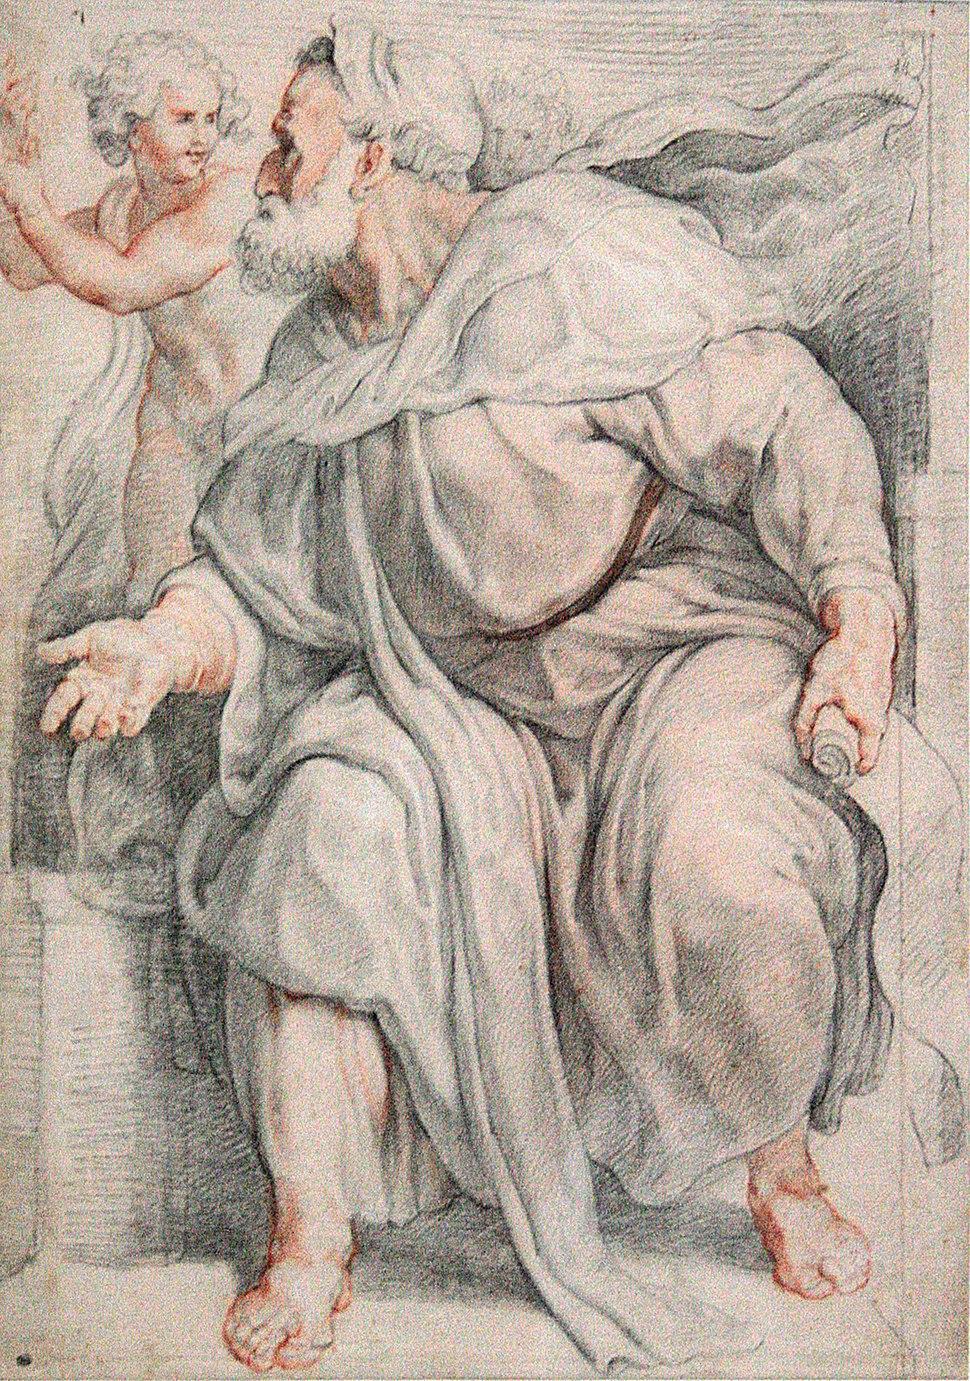 0 Le Prophète Ézéchiel - P.P. Rubens - Louvre (IN V 20231)